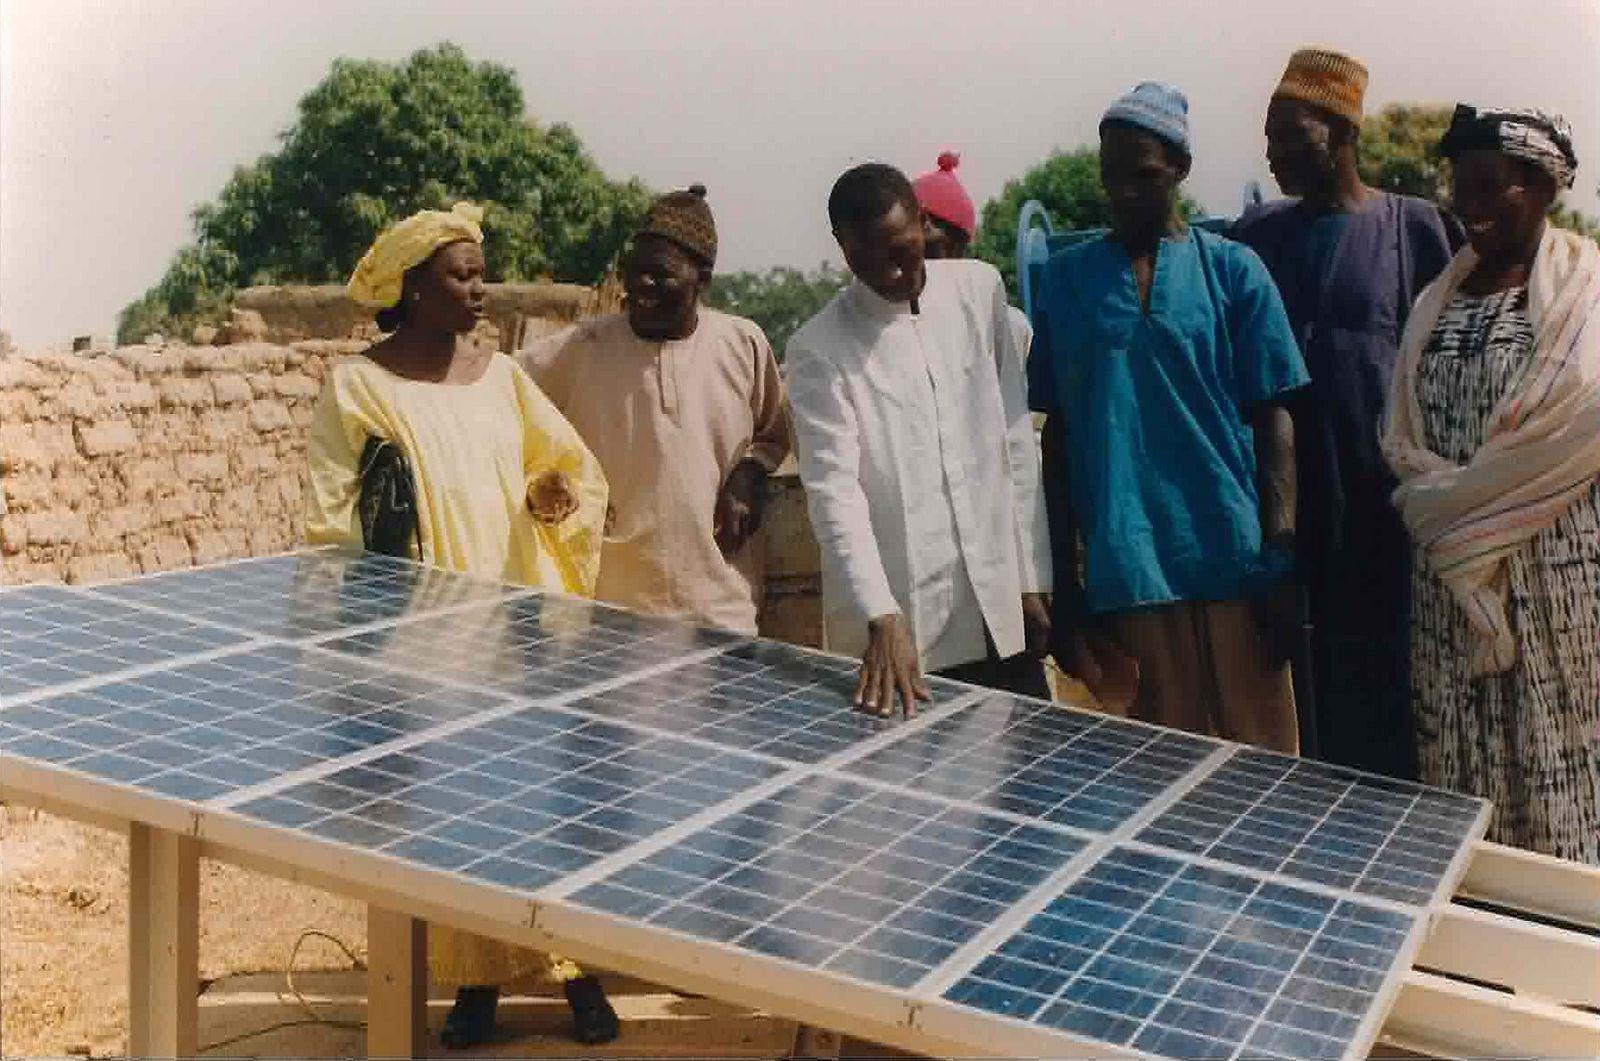 Nergie solaire la deuxi me dition de la conf rence internationale africa - Fours solaires en afrique ...